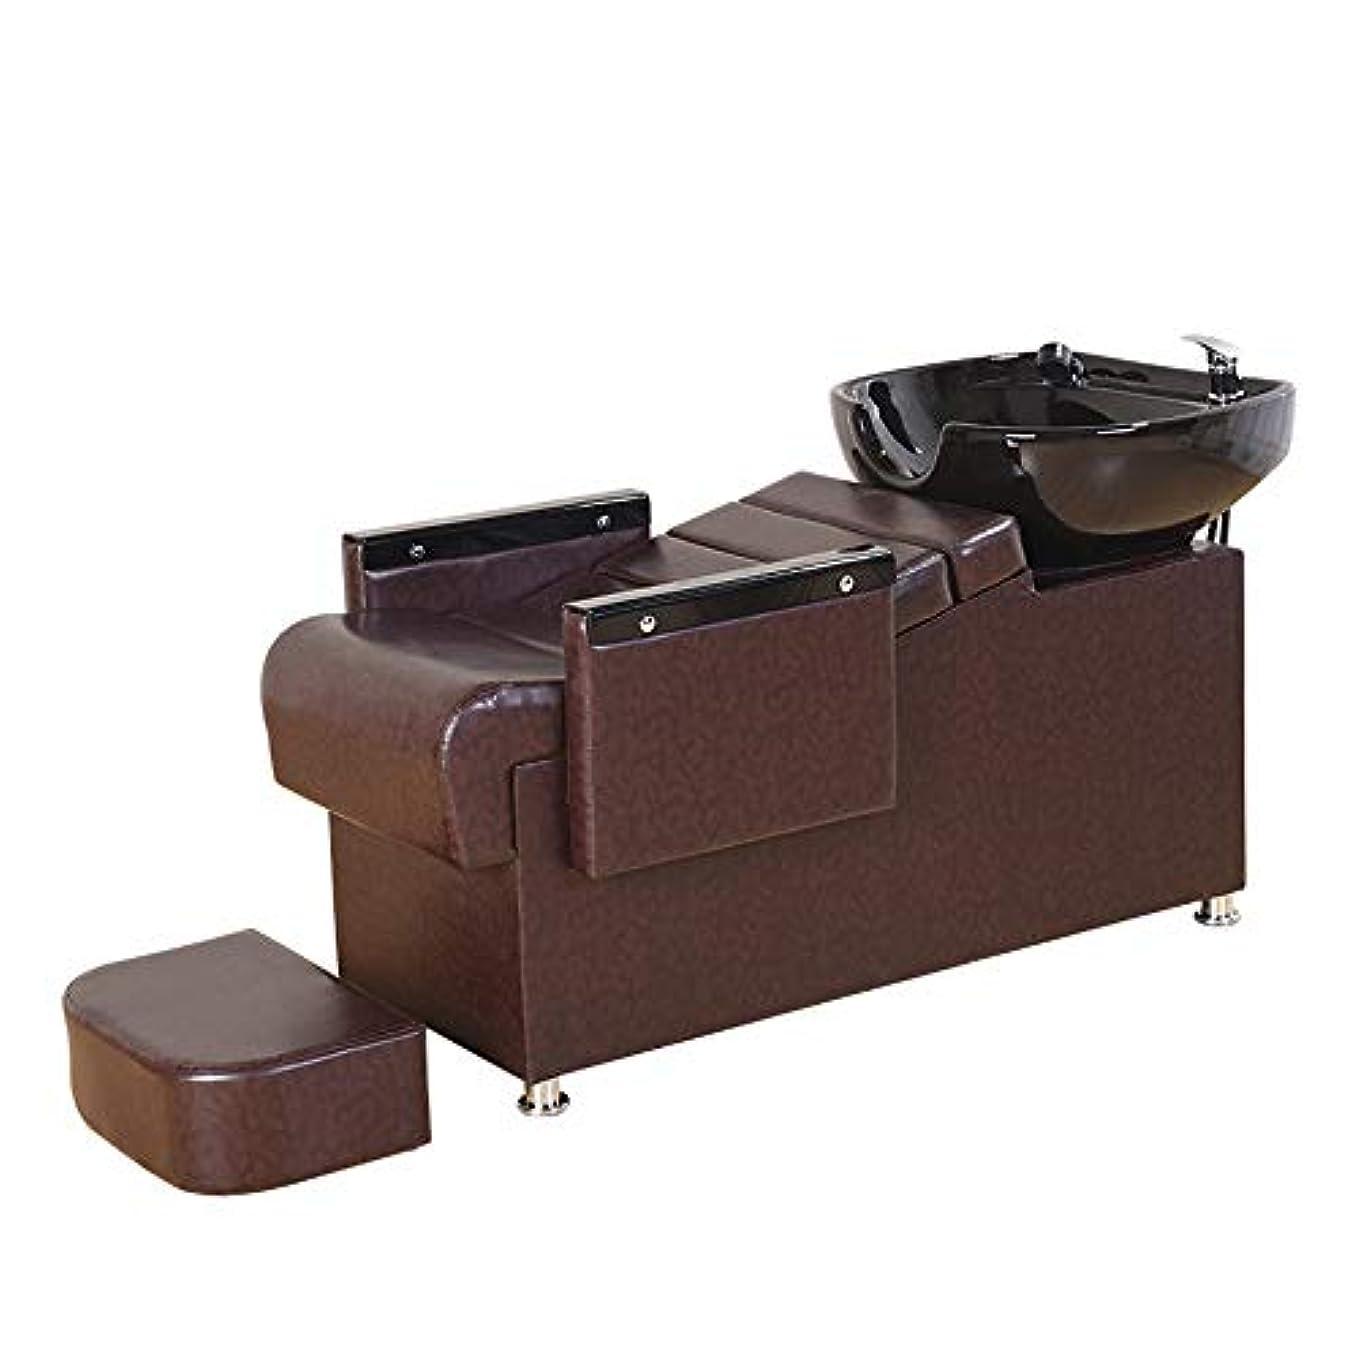 やさしいデコレーション帝国主義シャンプー椅子、逆洗ユニットシャンプーボウル理髪店フラッシングベッド美容院シンク椅子用スパ美容院機器